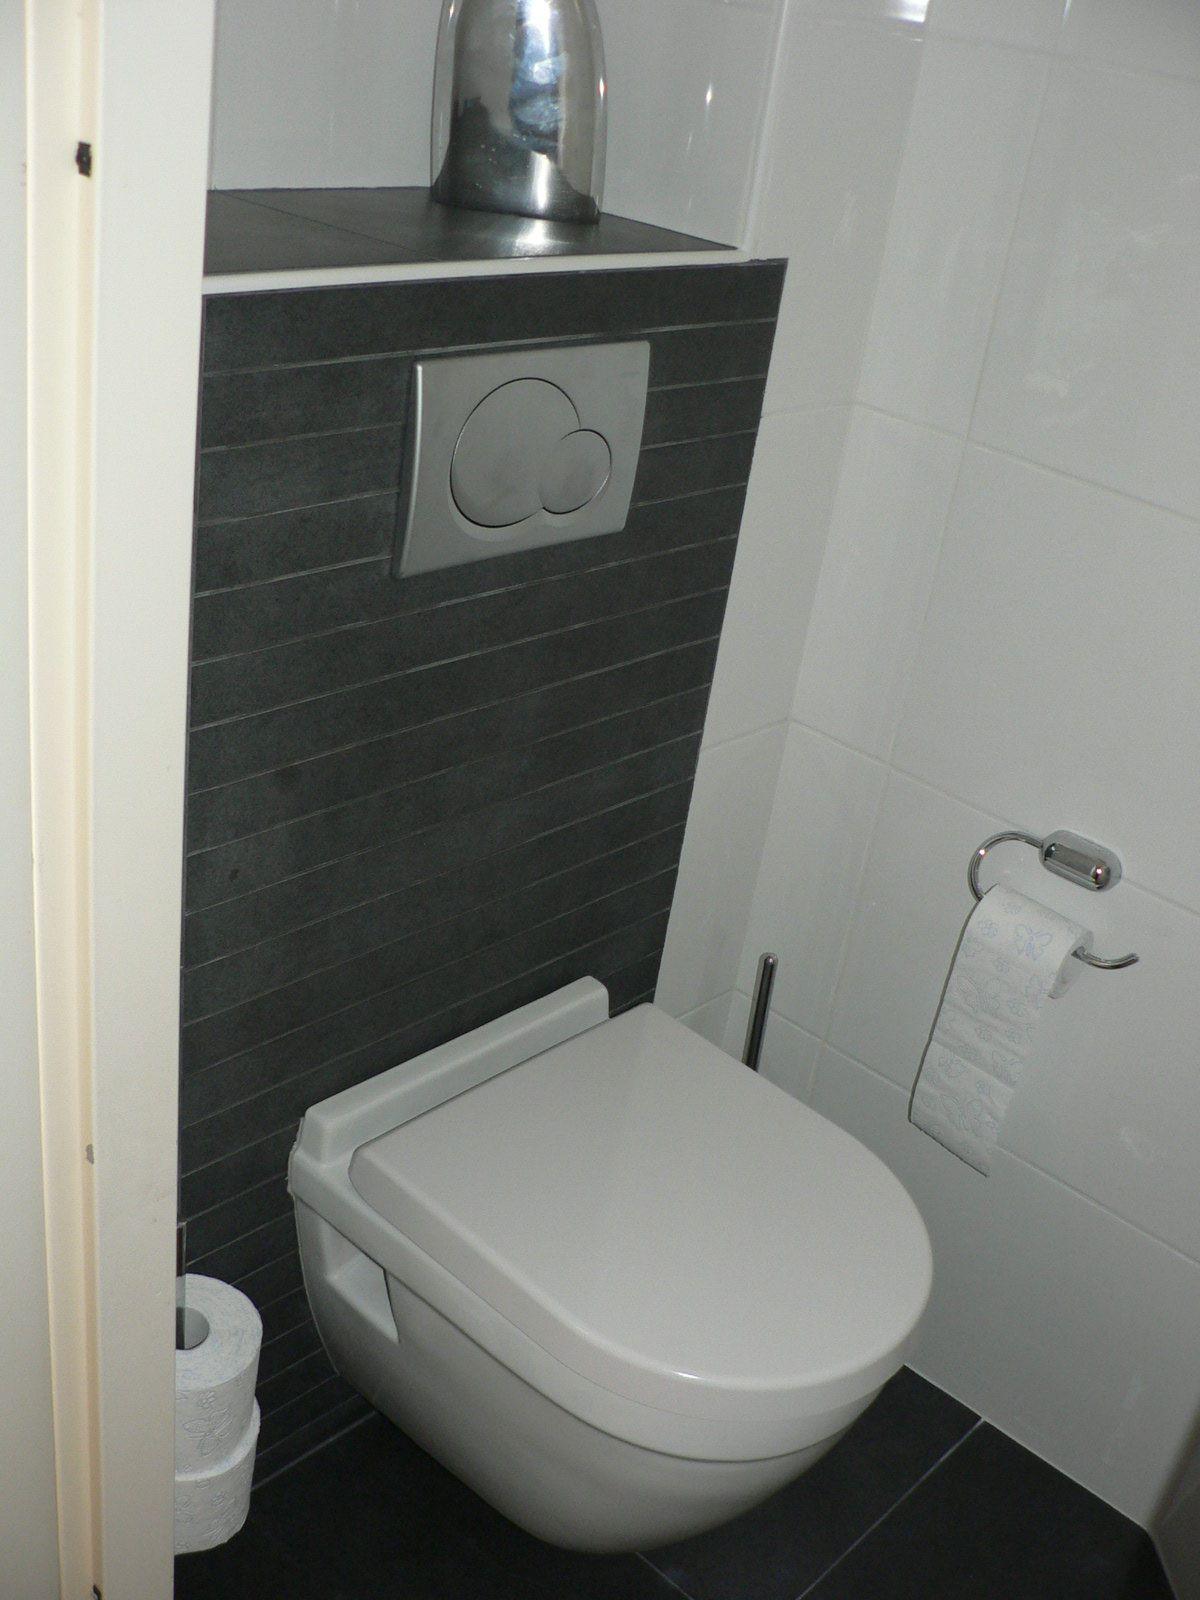 Moderne Wc arshea nl nieuw wc wc voorbeelden toilet